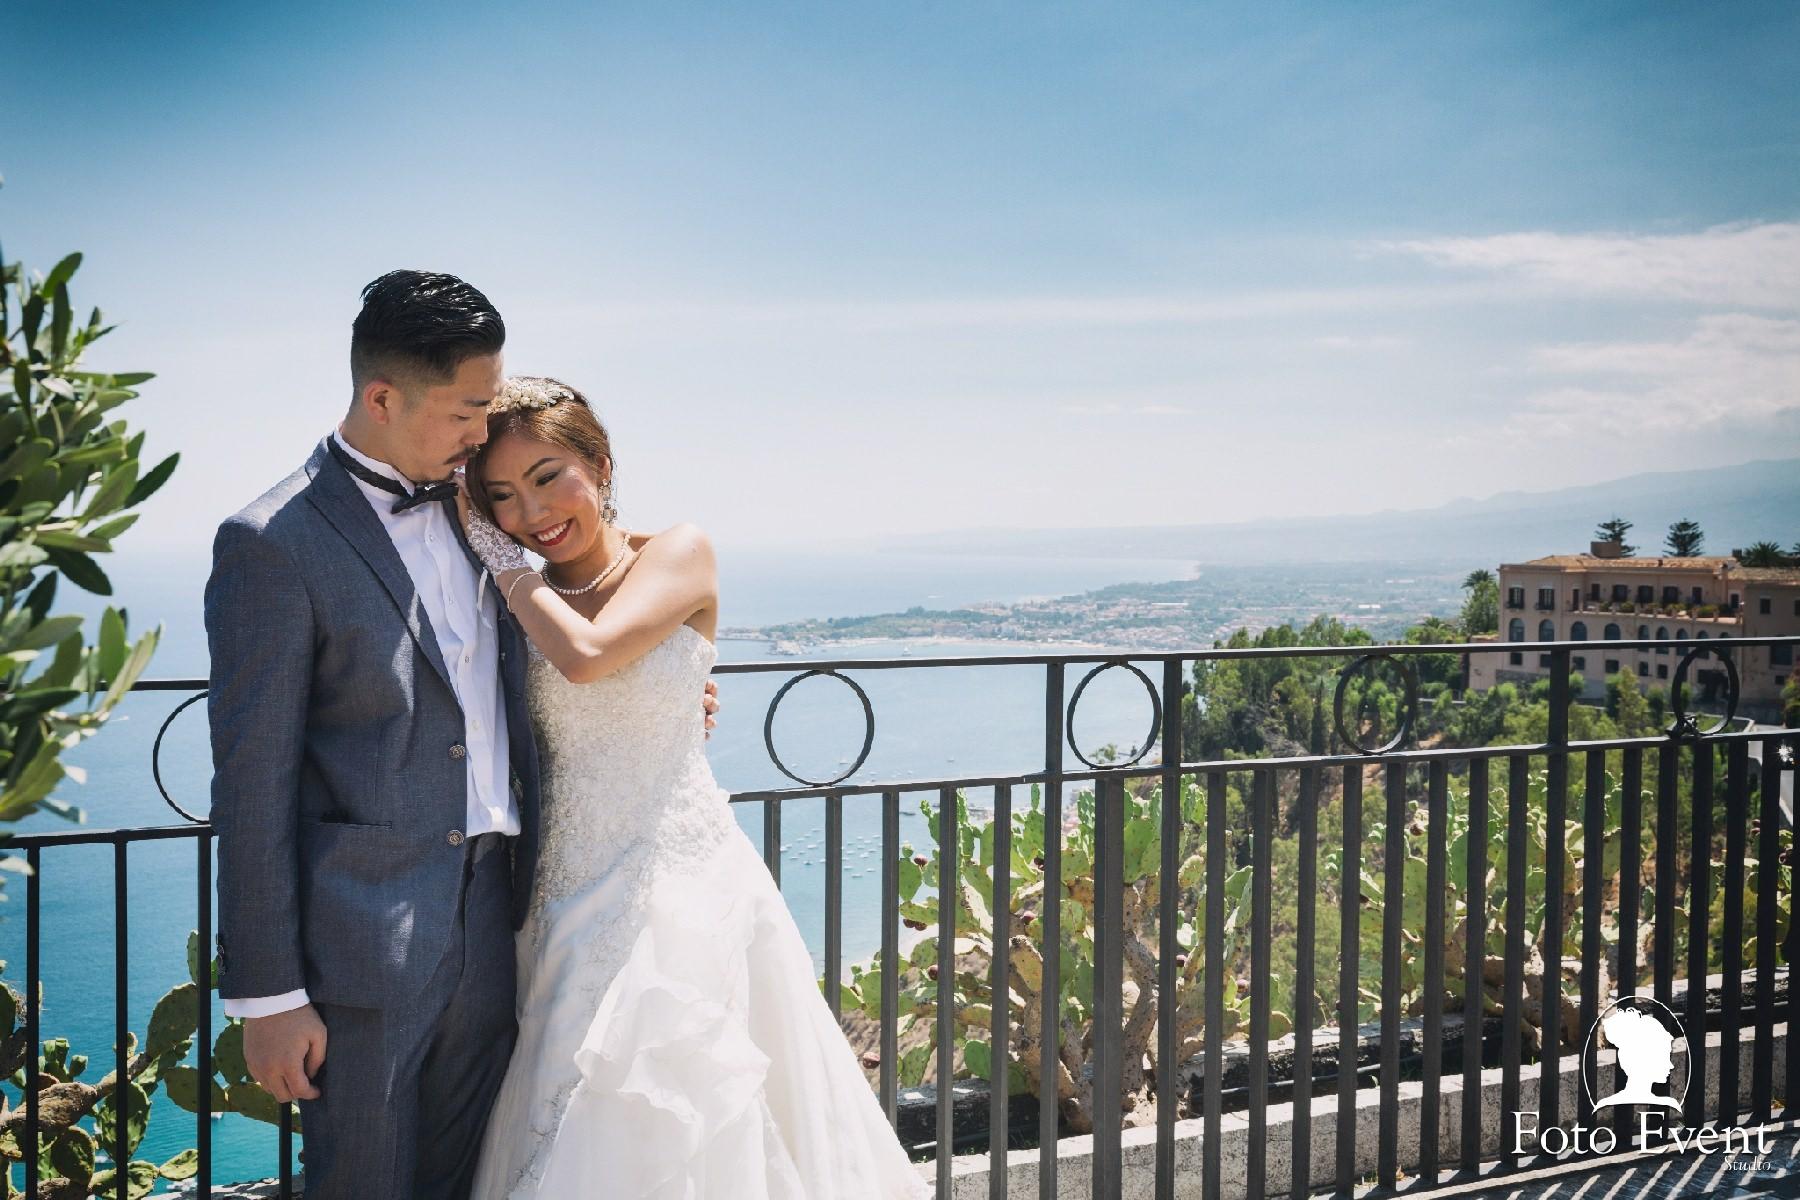 2017-07-15 Matrimonio Sayaka e Keiichi Ando 104 CD FOTO